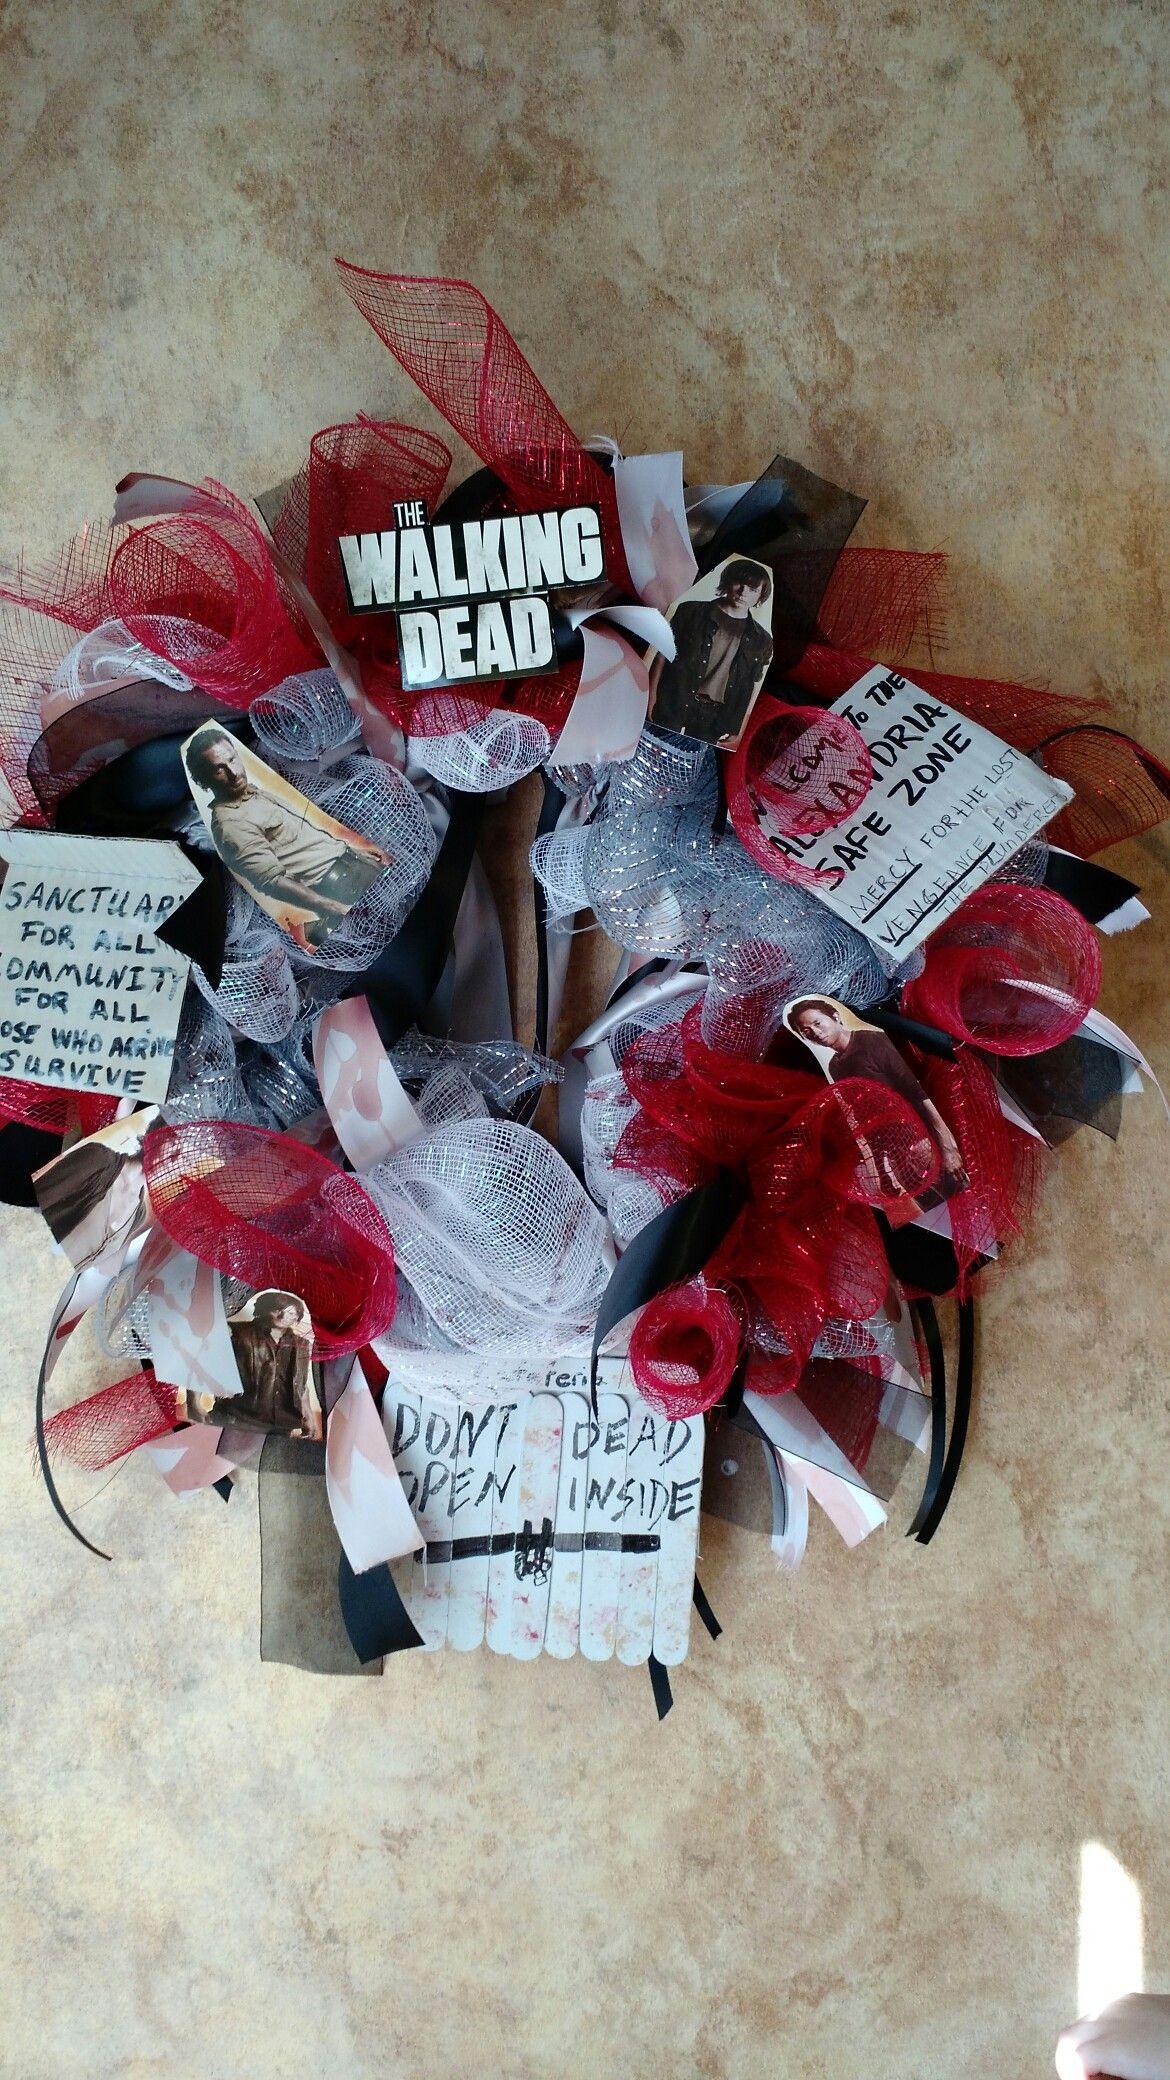 Walking dead wreath | Halloween front door decorations ...